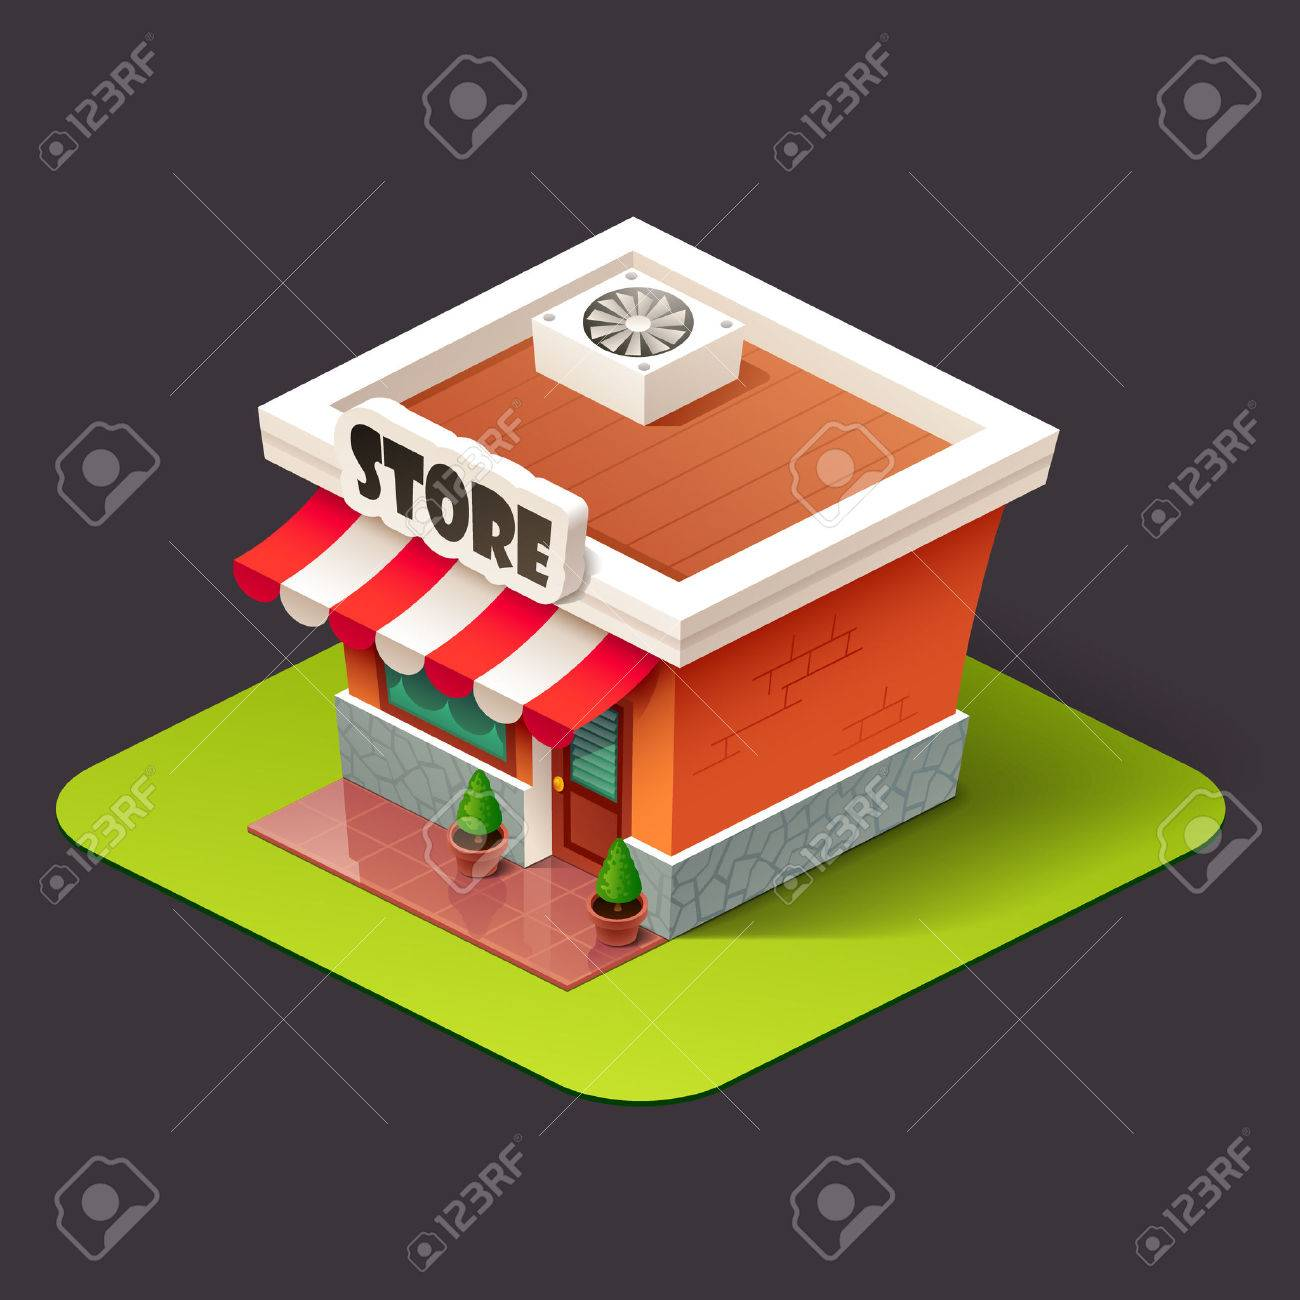 Isometric store icon Stock Vector - 64942748